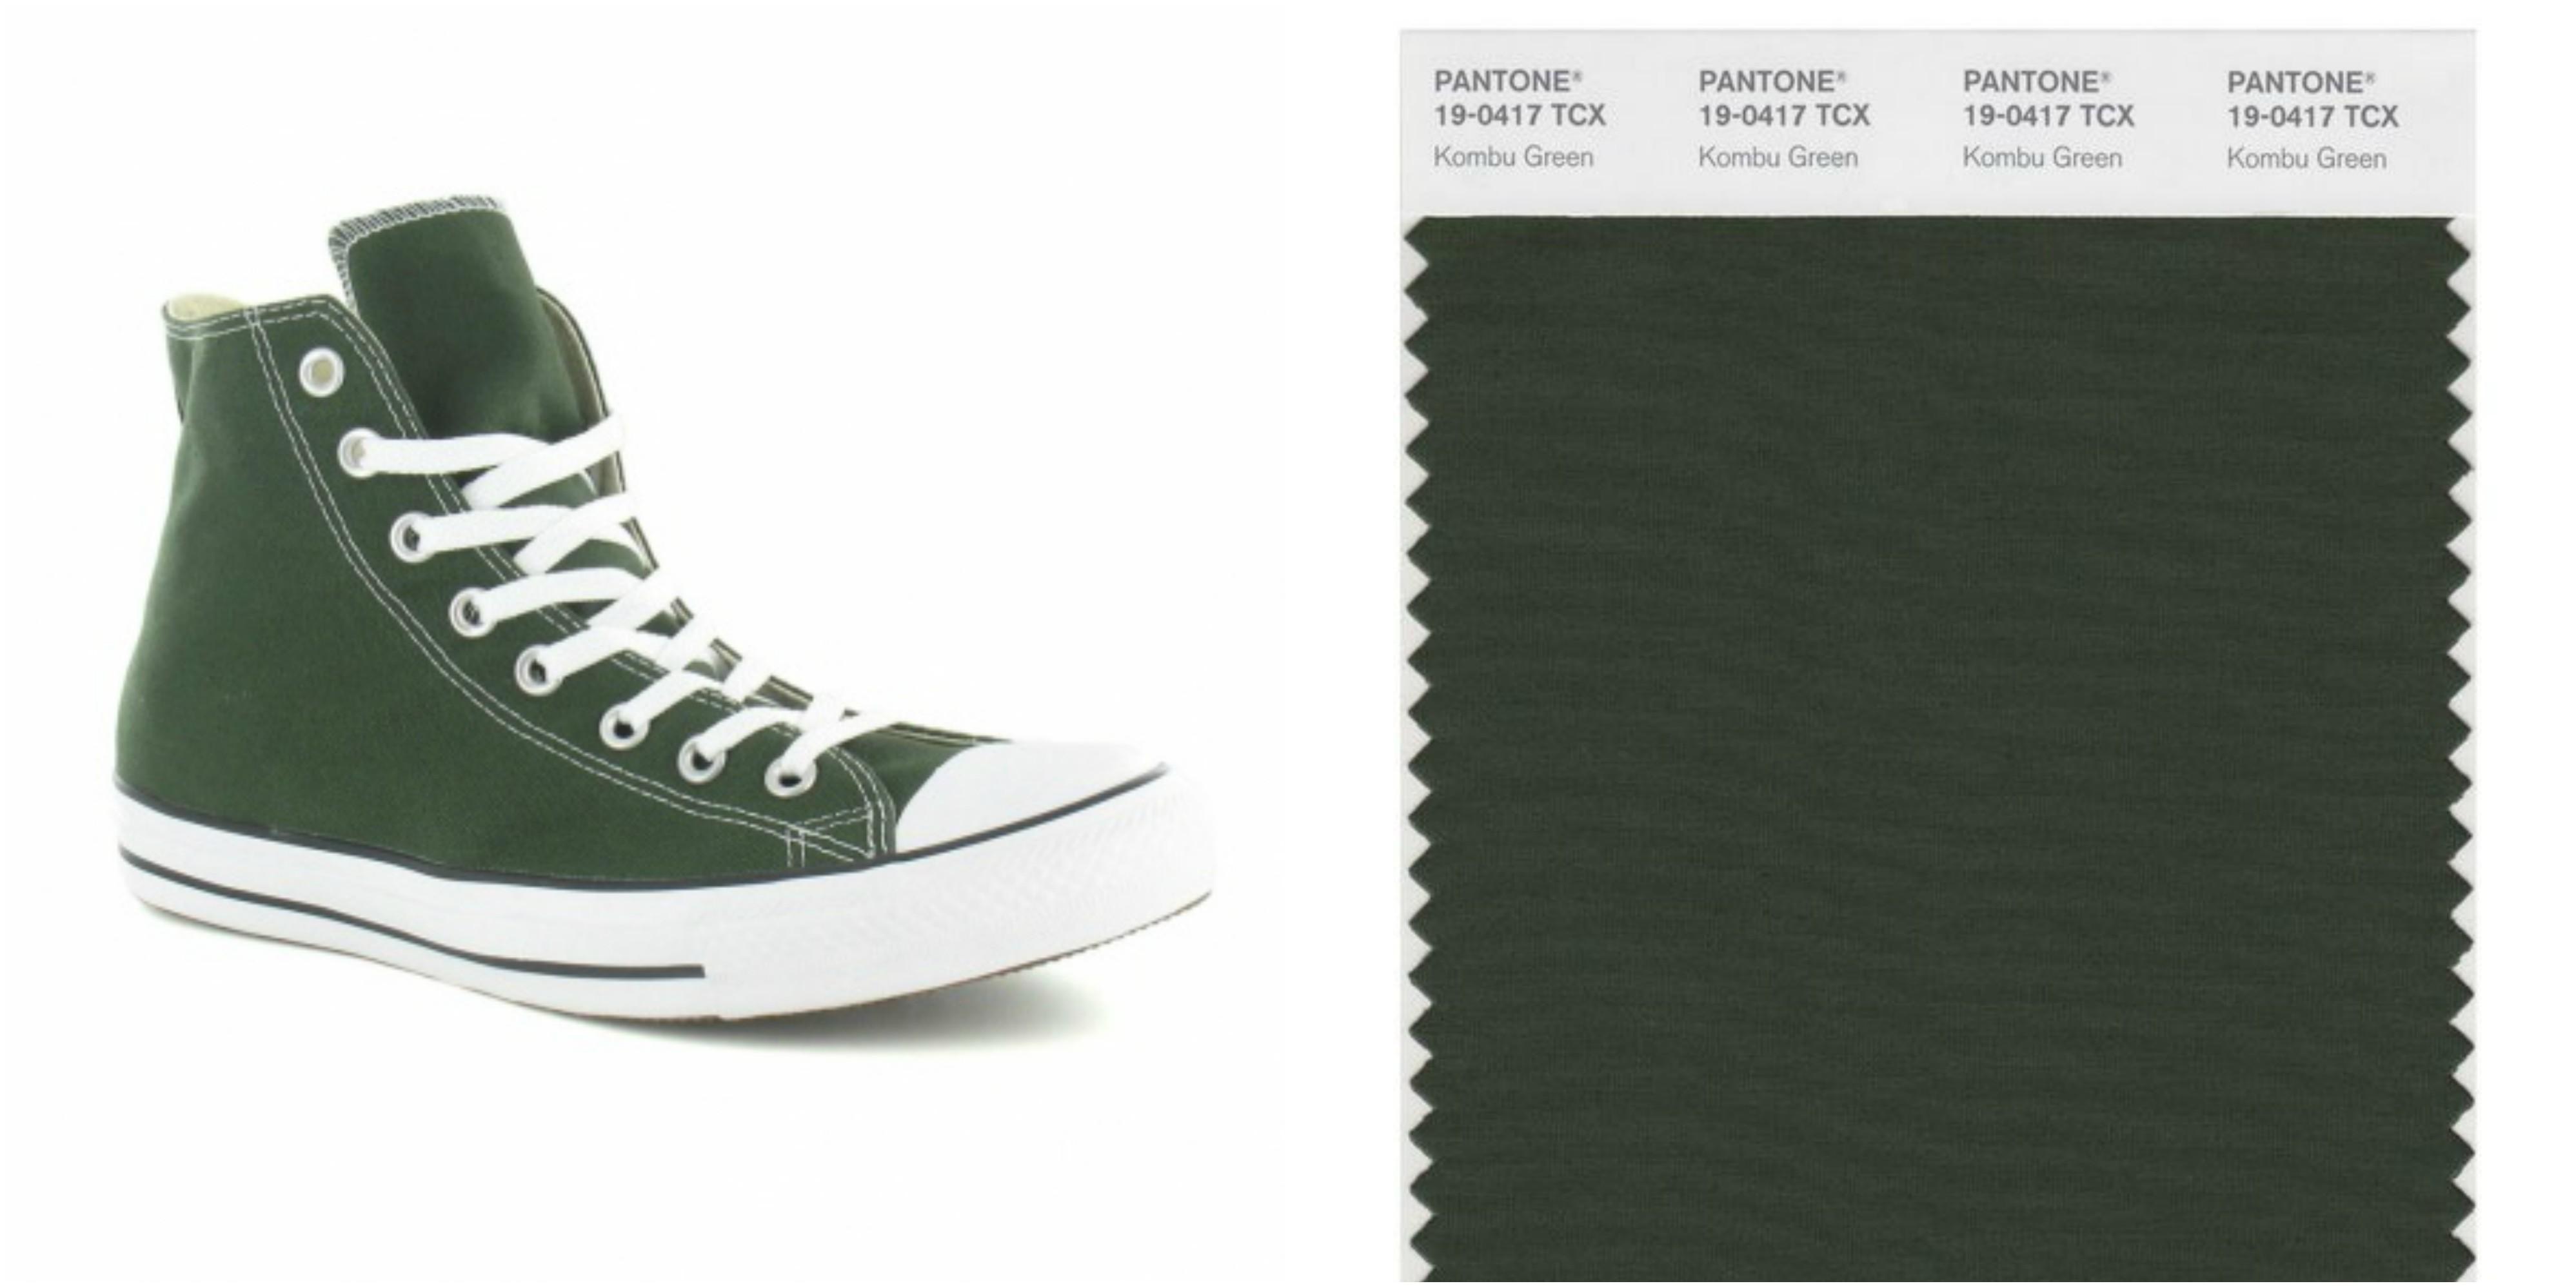 kombu green.jpg